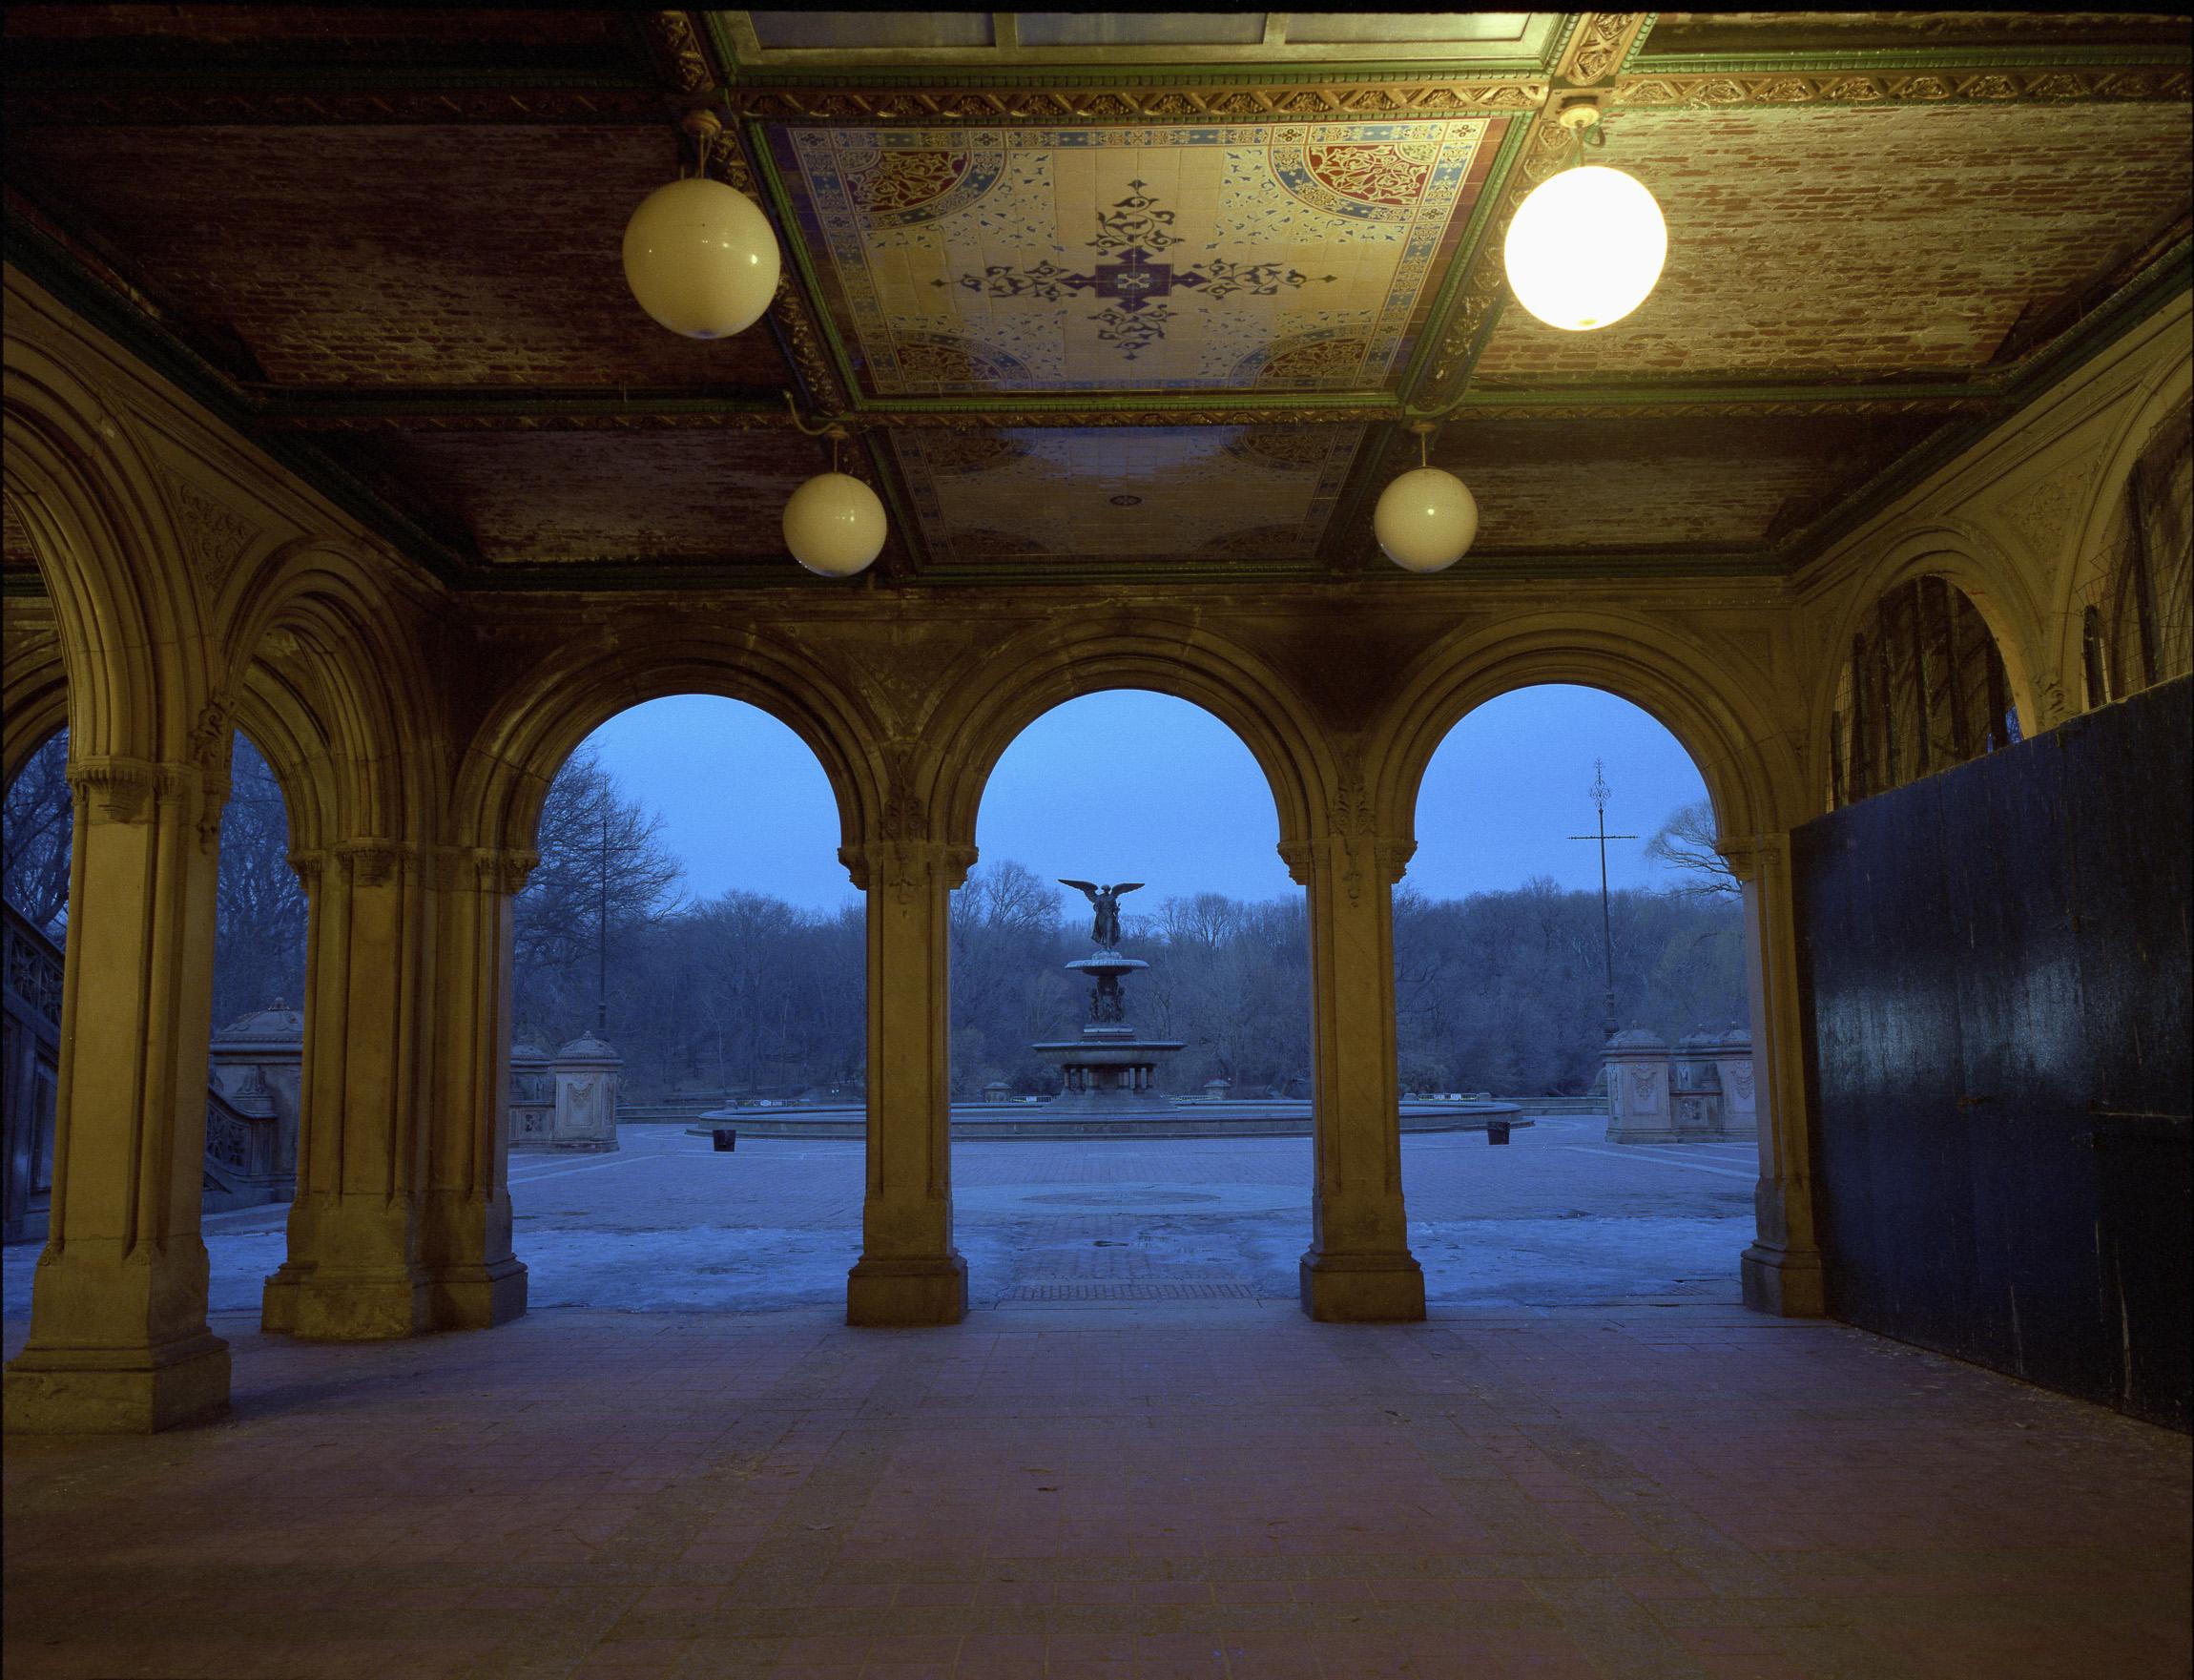 Bethesda Fountain, Central Park - New York, New York